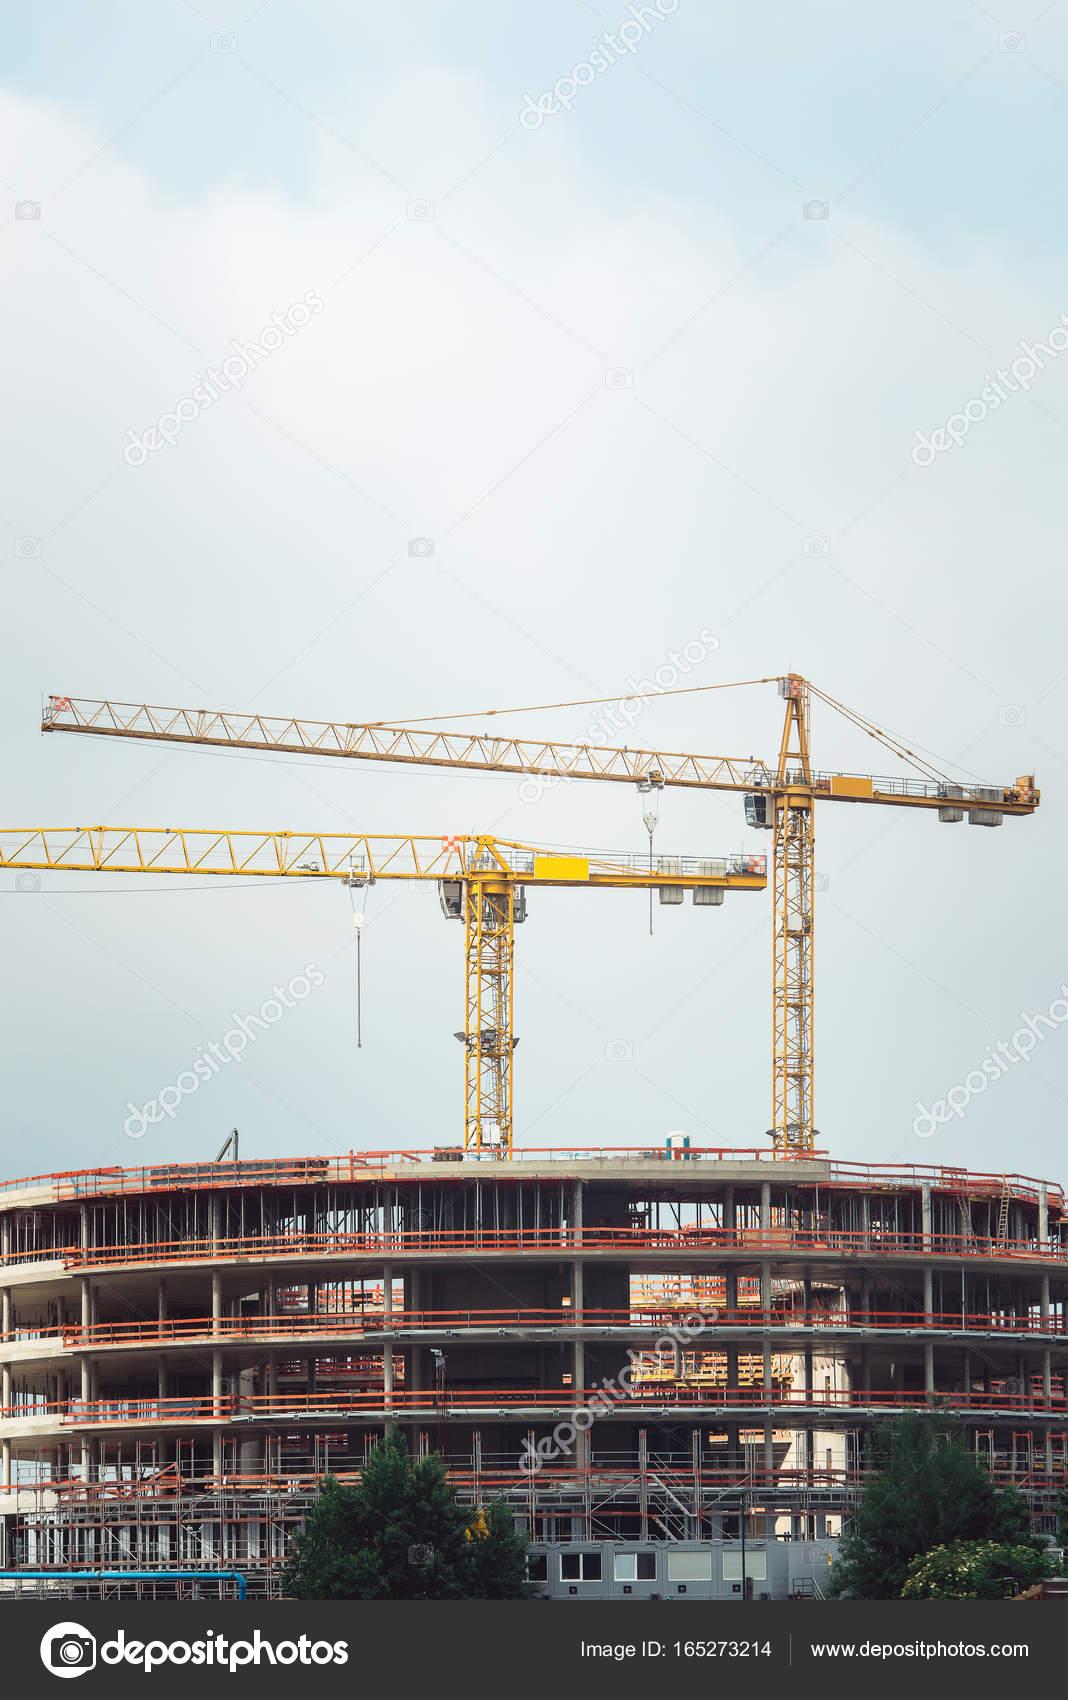 Stahlrahmen eines Gebäudes im Bau, mit zwei Turmdrehkrane an der ...